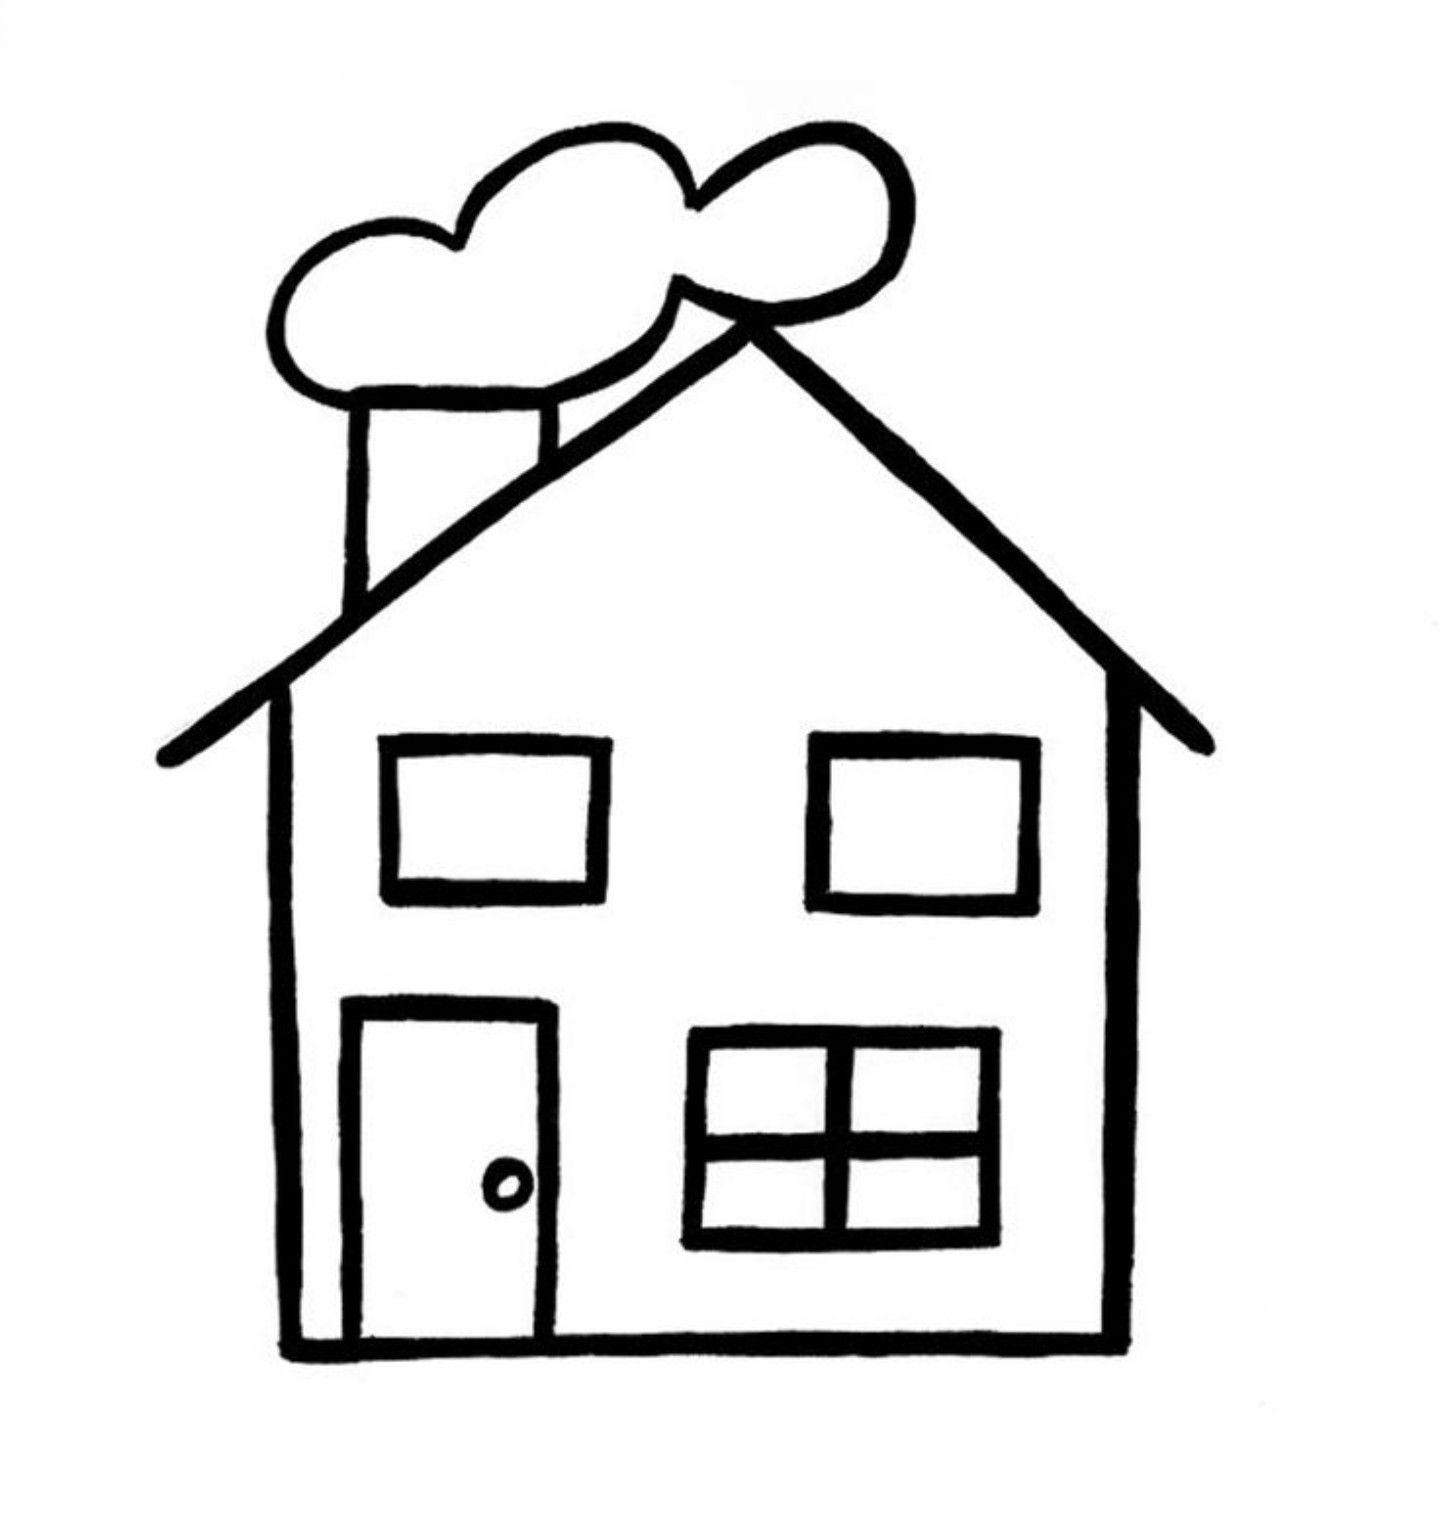 Pin By Katjana Van Wanrooij Broekste On Huizen En Boten Van Constructiemateriaal Home Decor Coloring Pages Home Decor Decals